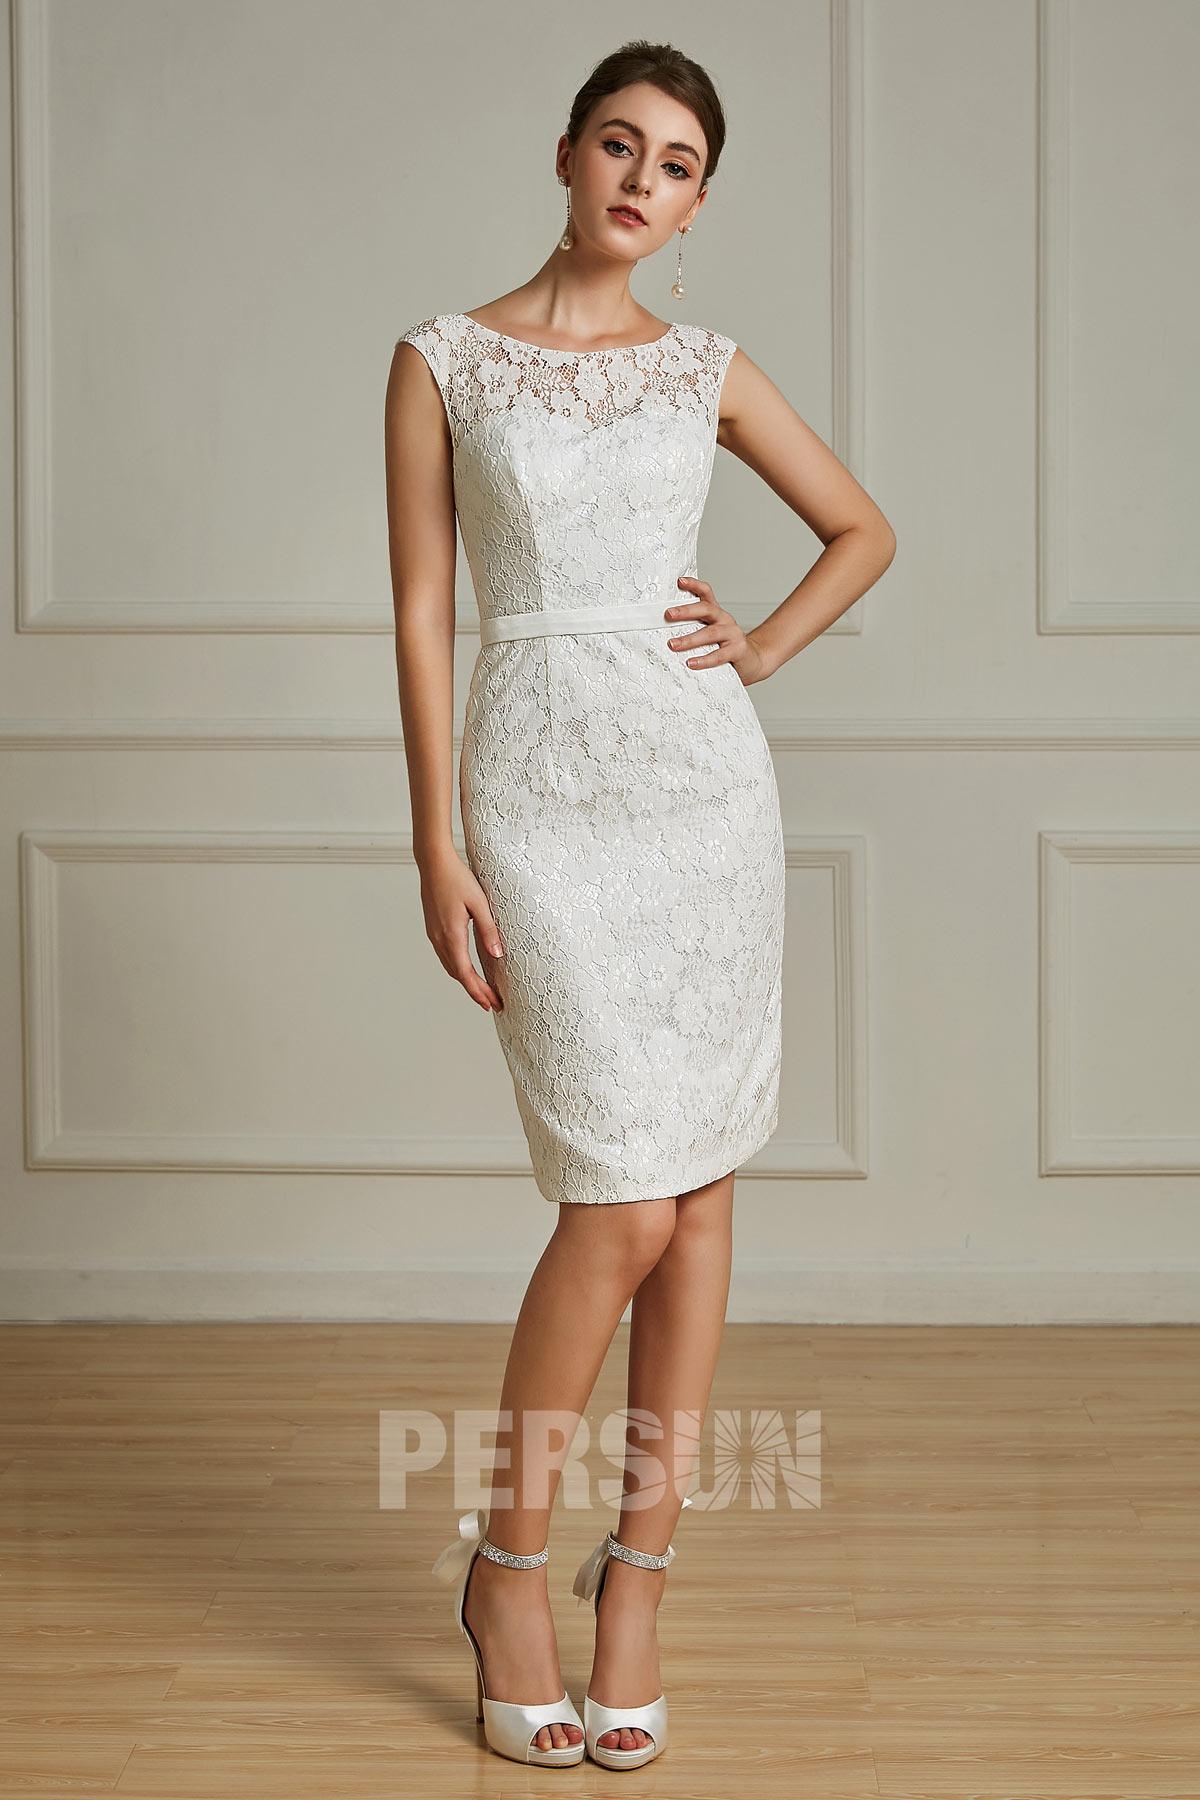 robe blanc cass genoux en dentelle pour cocktail de mariage. Black Bedroom Furniture Sets. Home Design Ideas